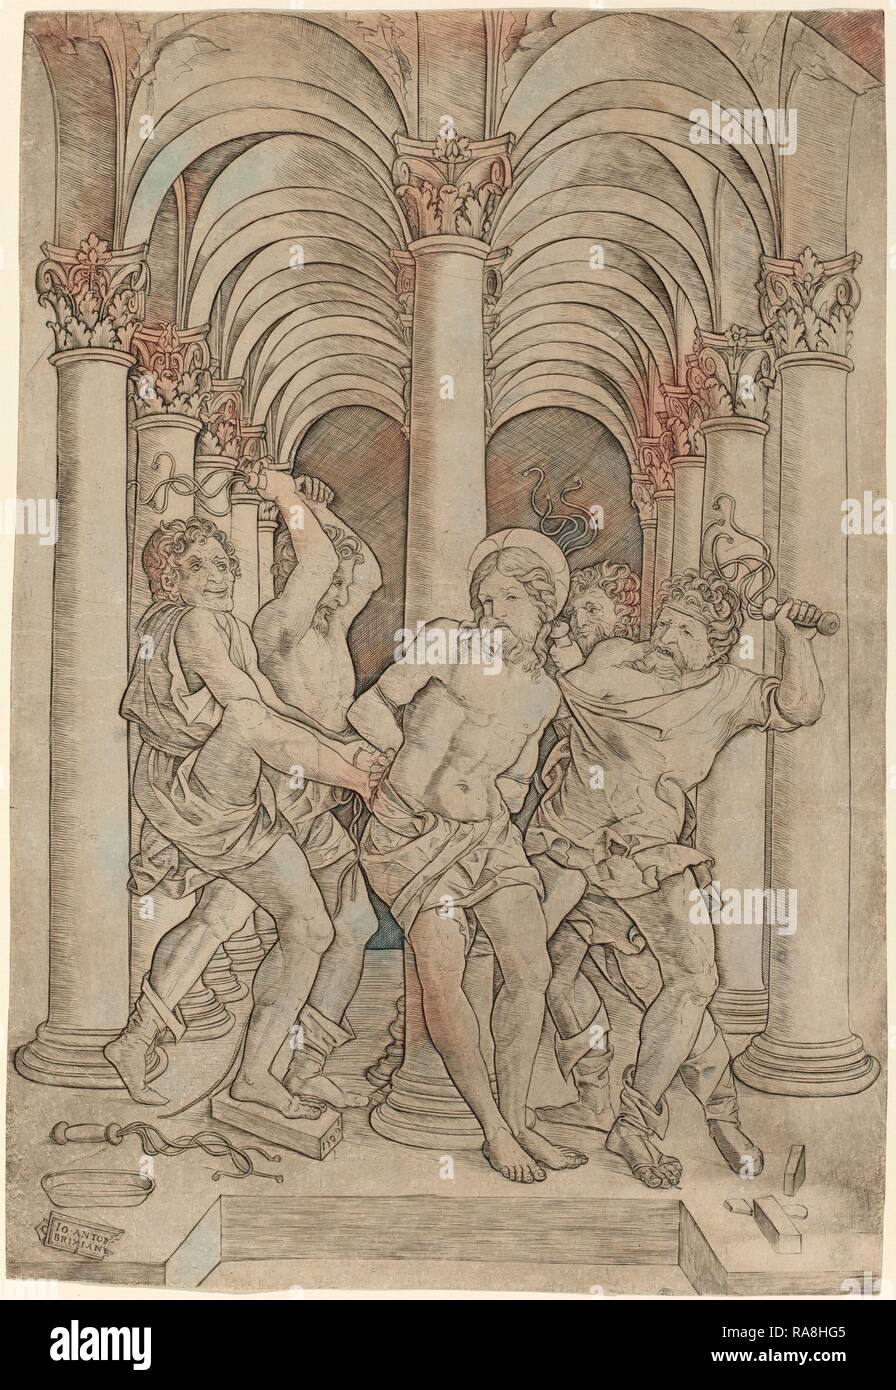 Giovanni Antonio da Brescia (Italienisch, Aktive c. 1490 - 1525 oder nach), Geißelung, 1509, Kupferstich. Neuerfundene Stockbild